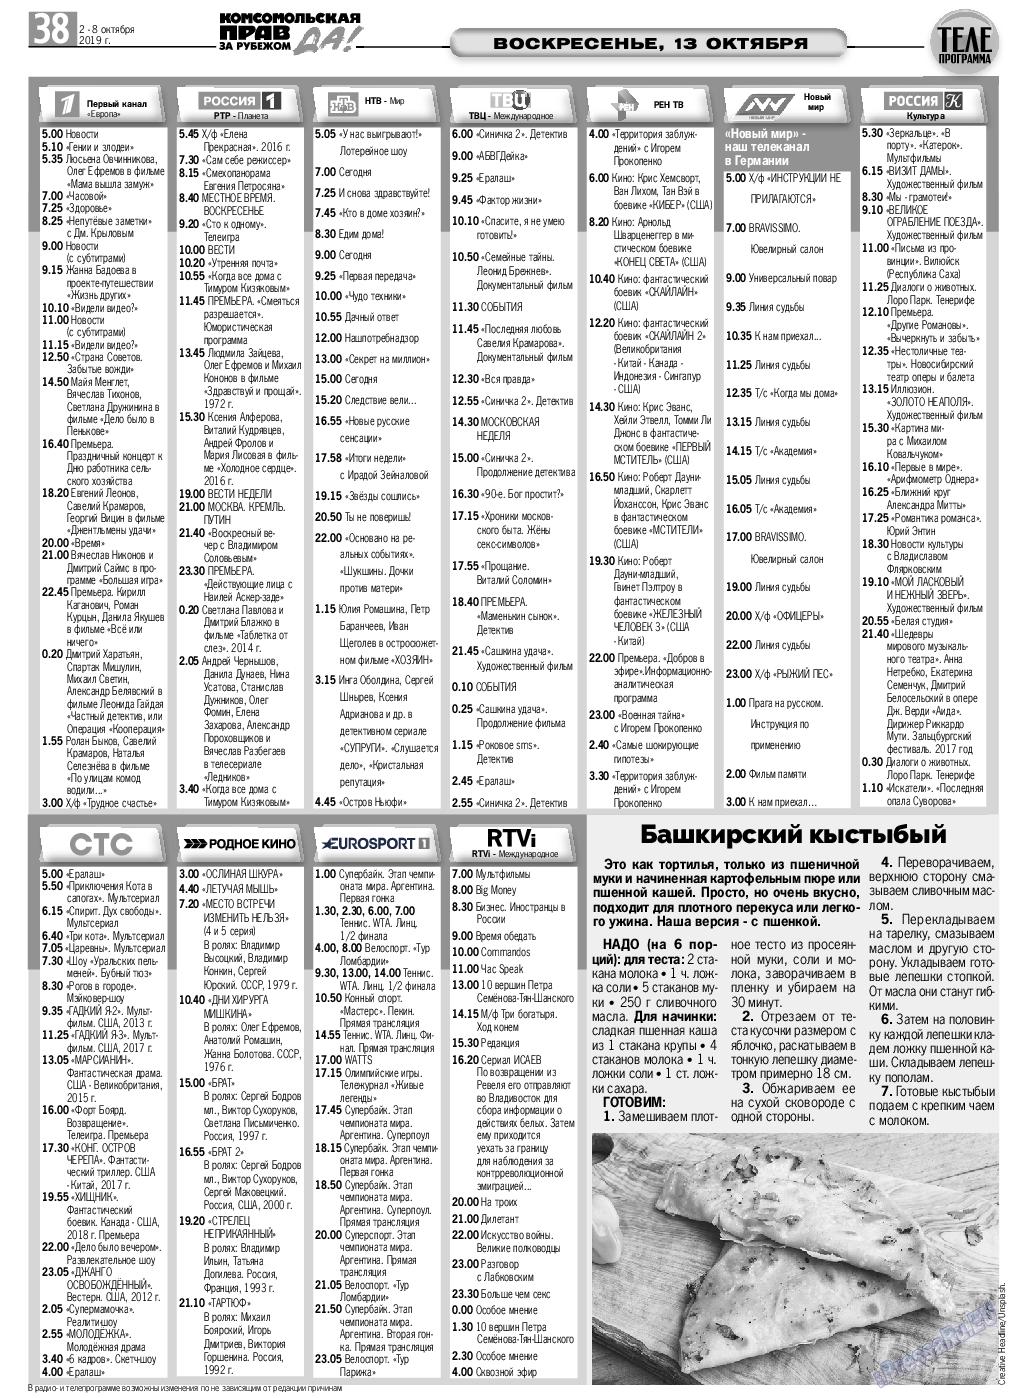 КП в Европе (газета). 2019 год, номер 40, стр. 38